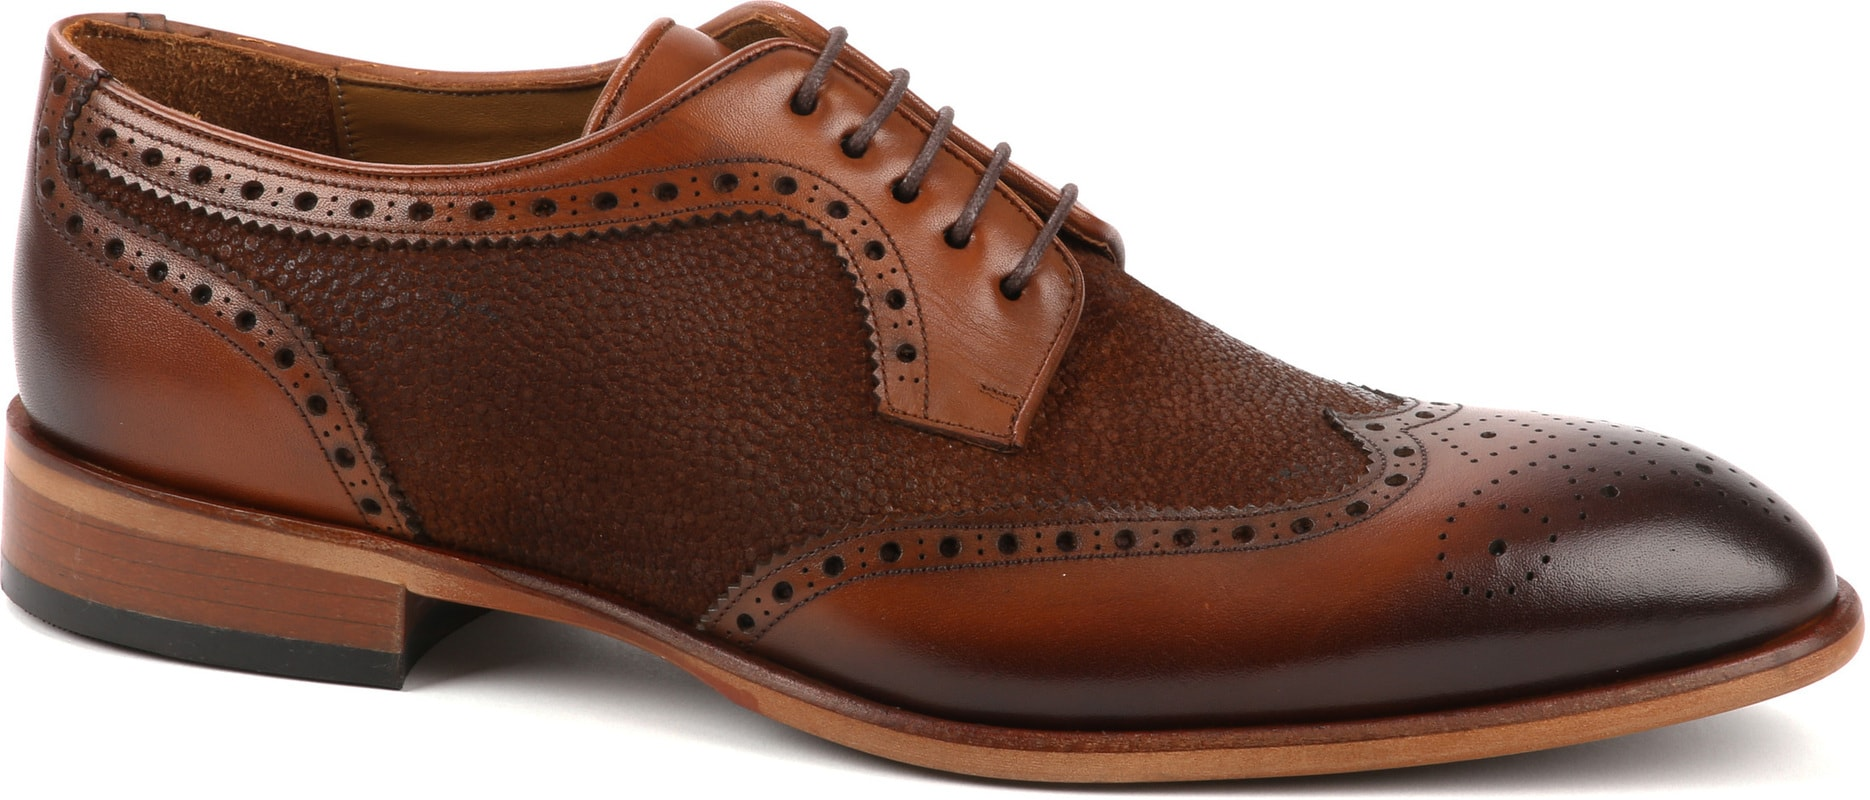 Suitable Leather Shoe Dessin Cognac photo 0